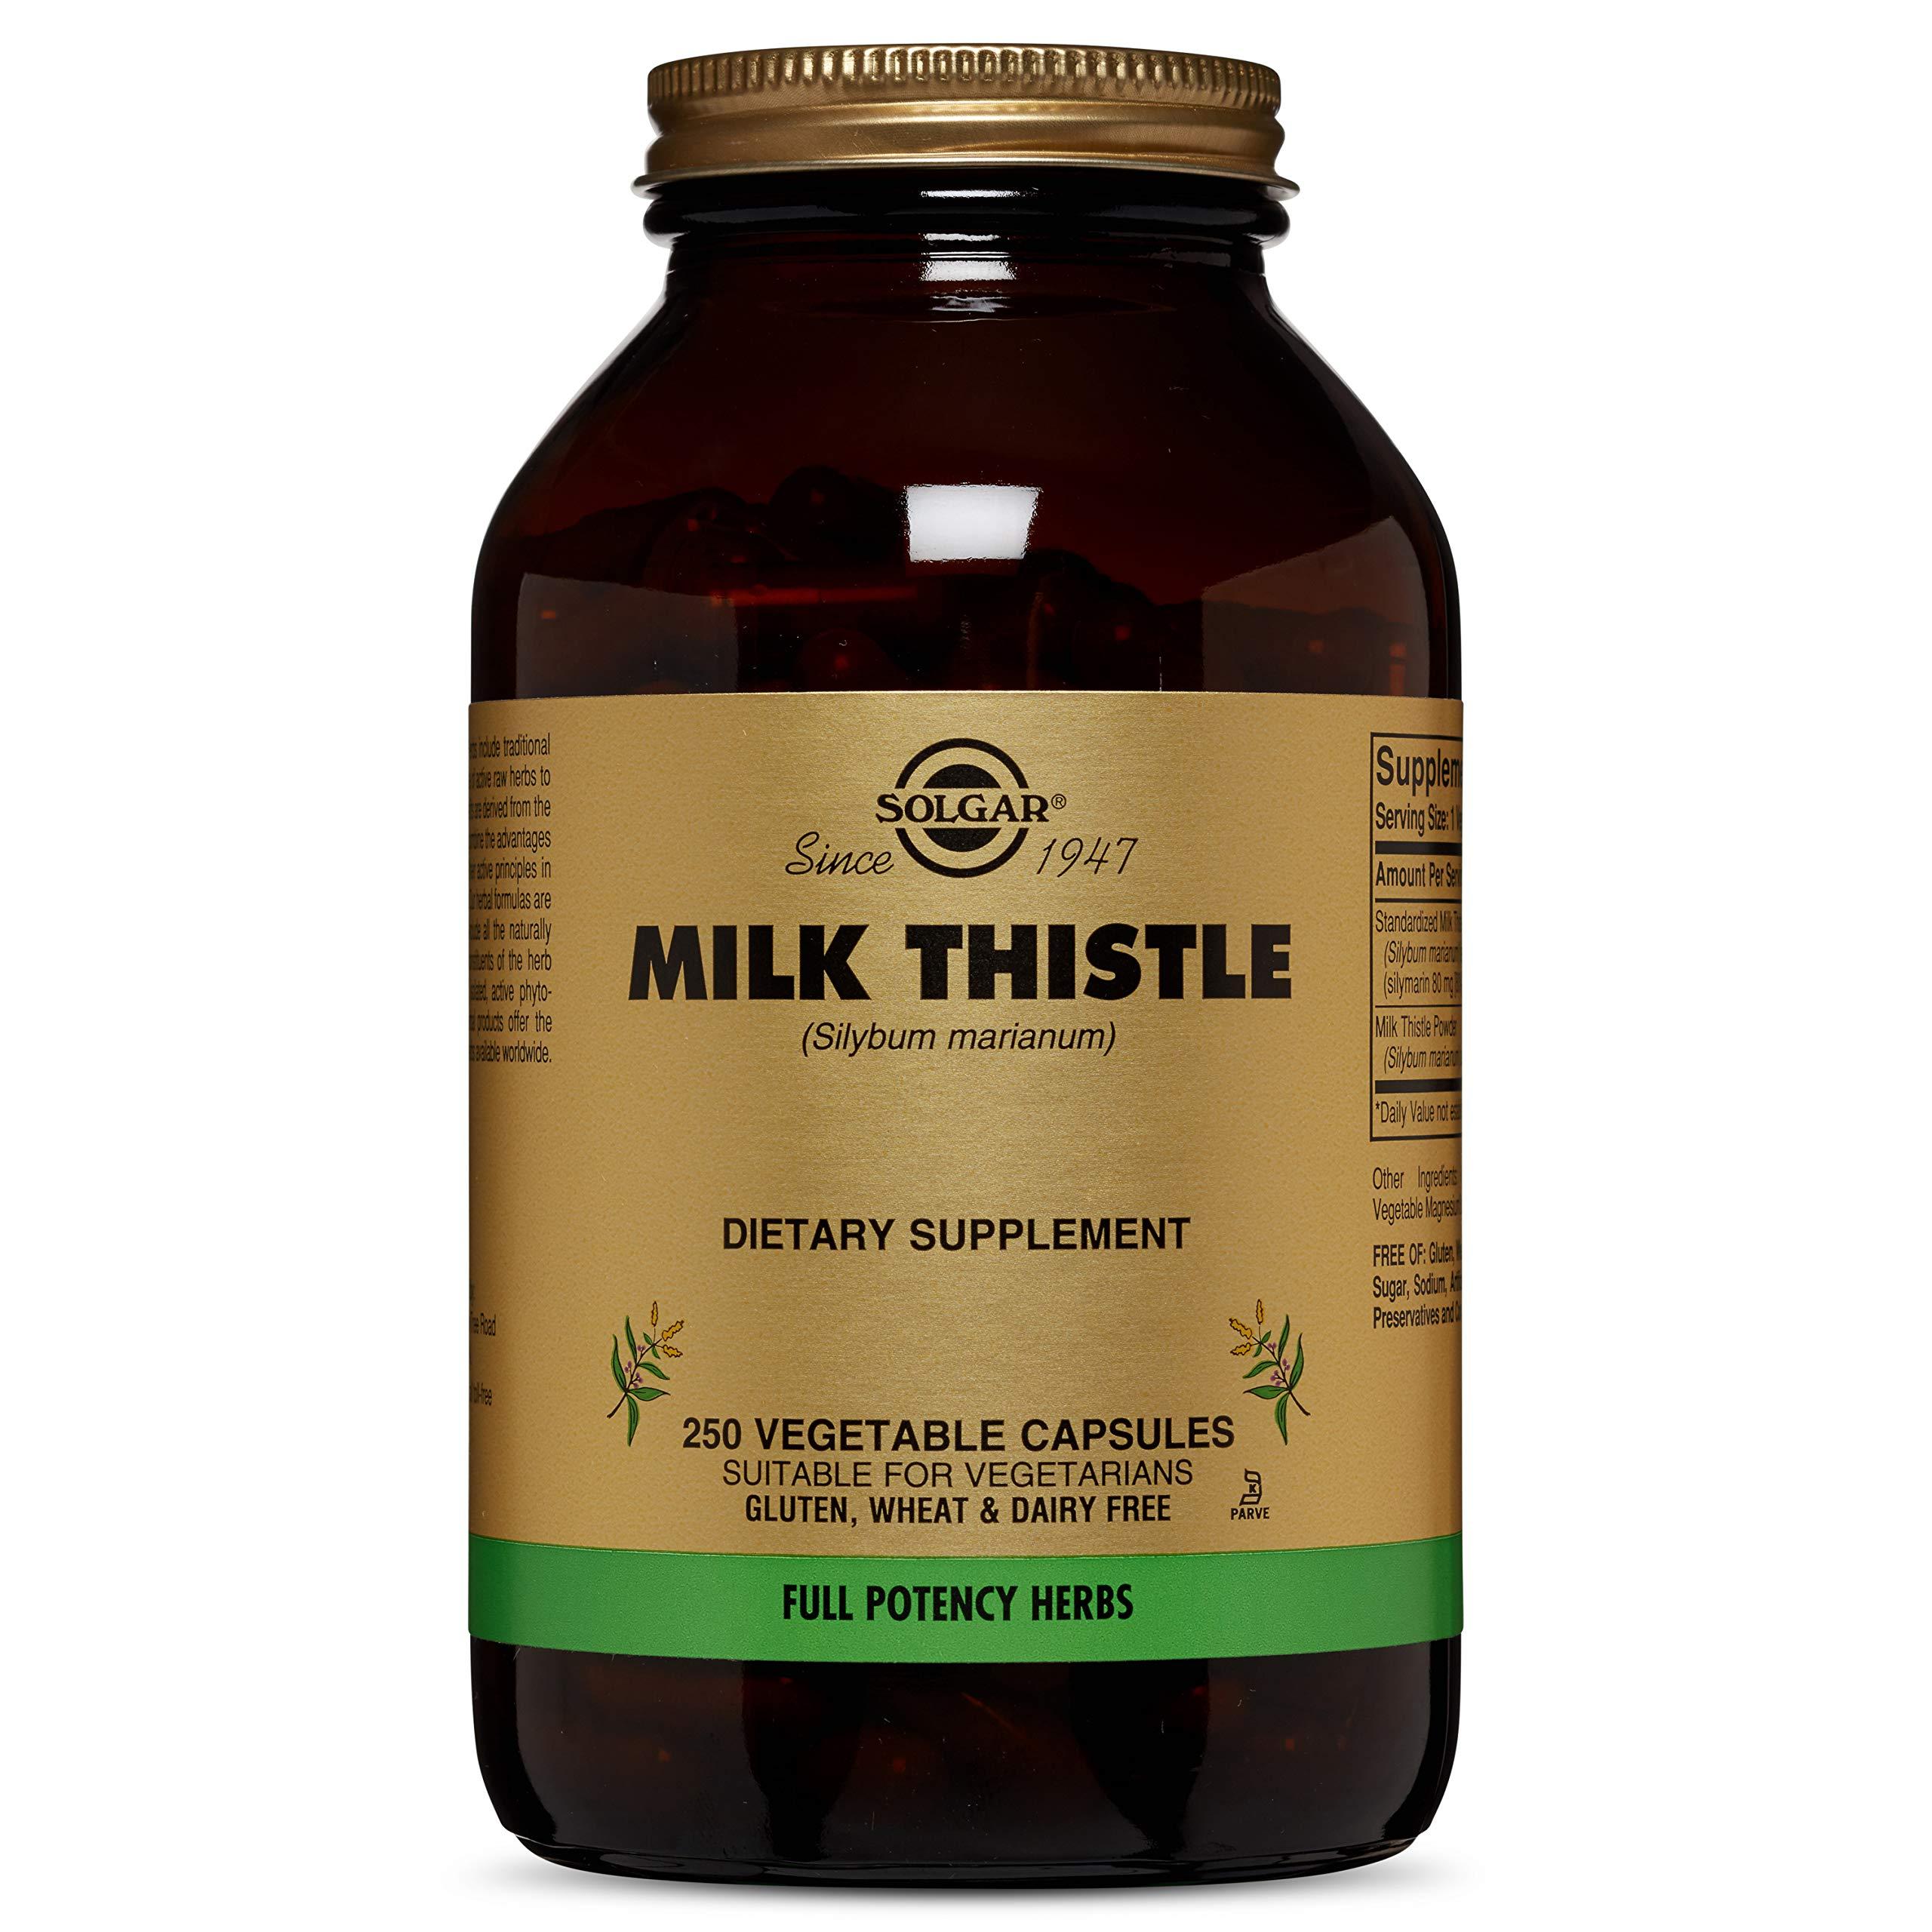 Solgar - Full Potency Milk Thistle, 250 Vegetable Capsules